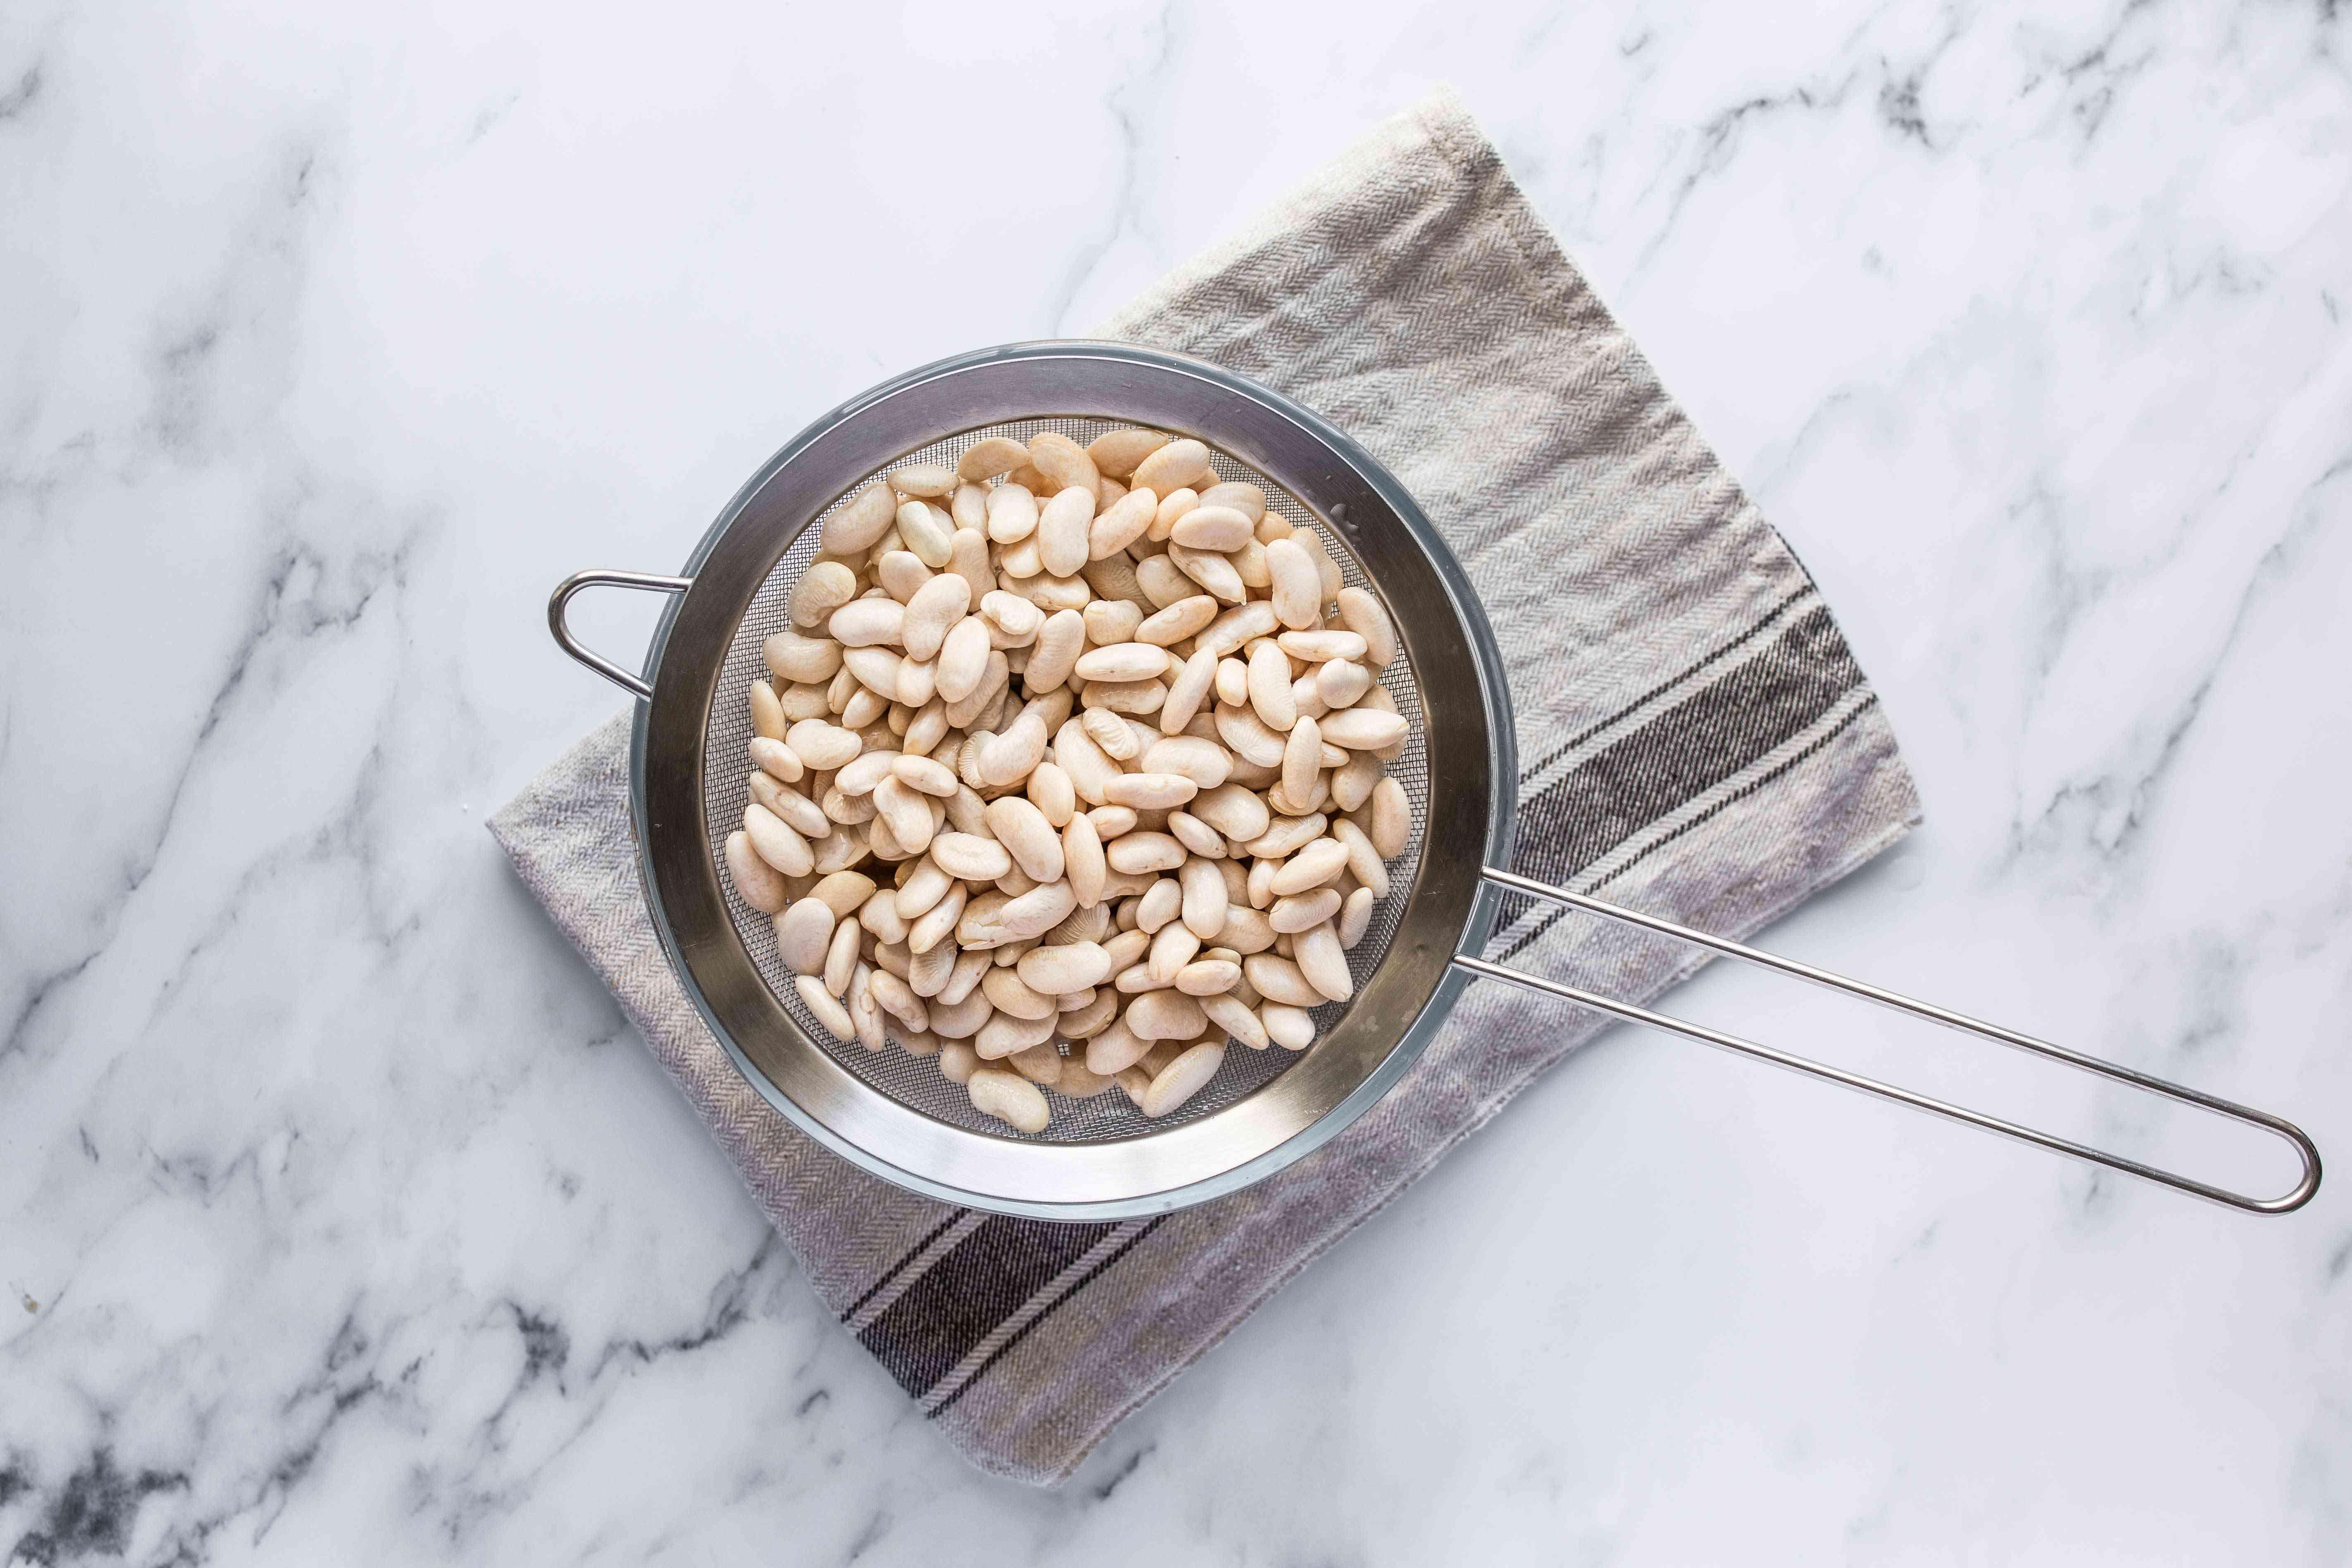 Drain the beans